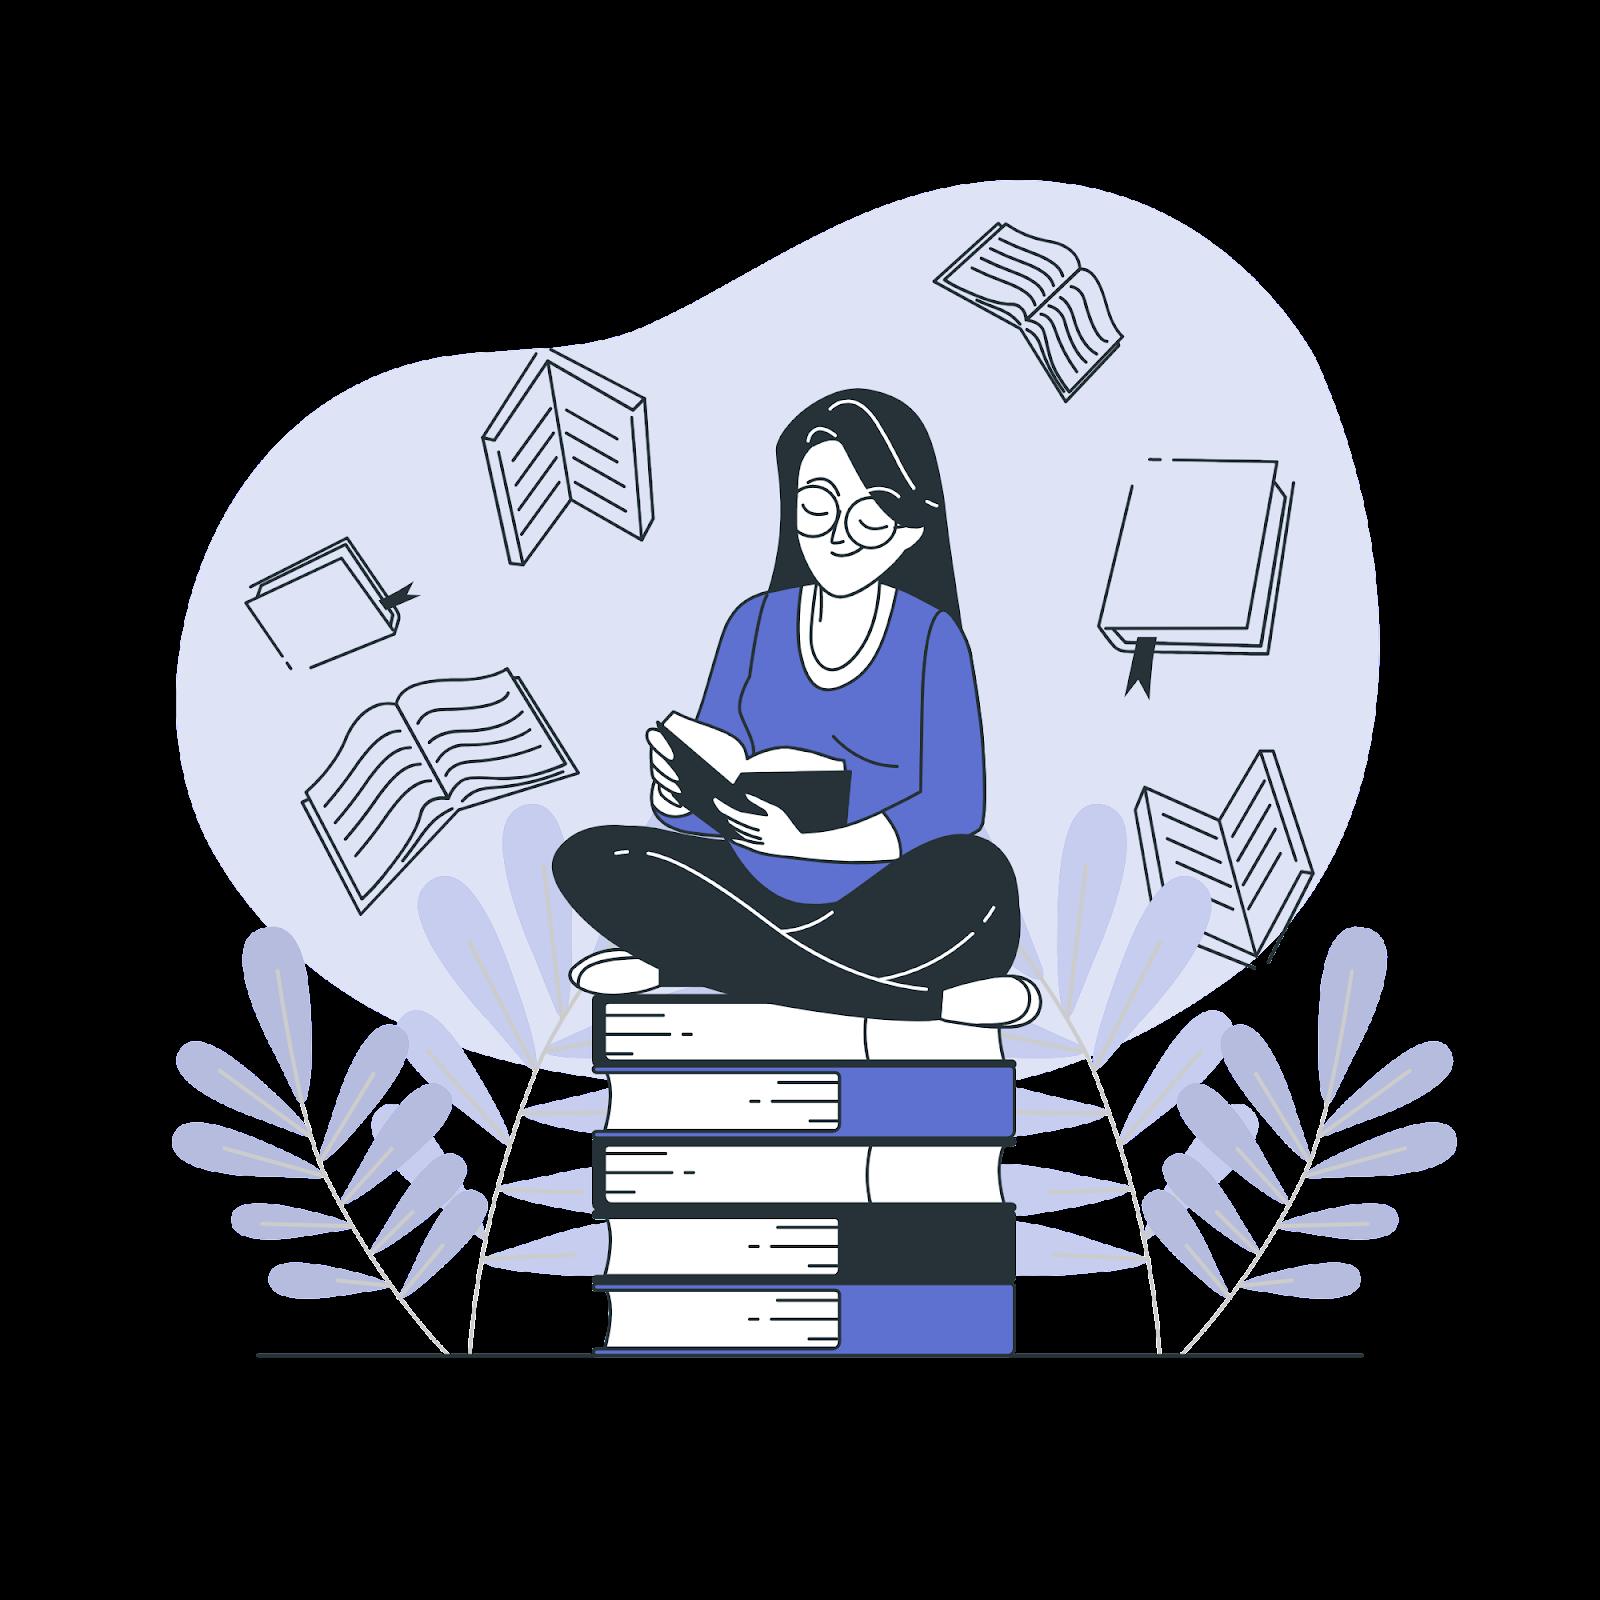 Livros para Aprender UX Writing.